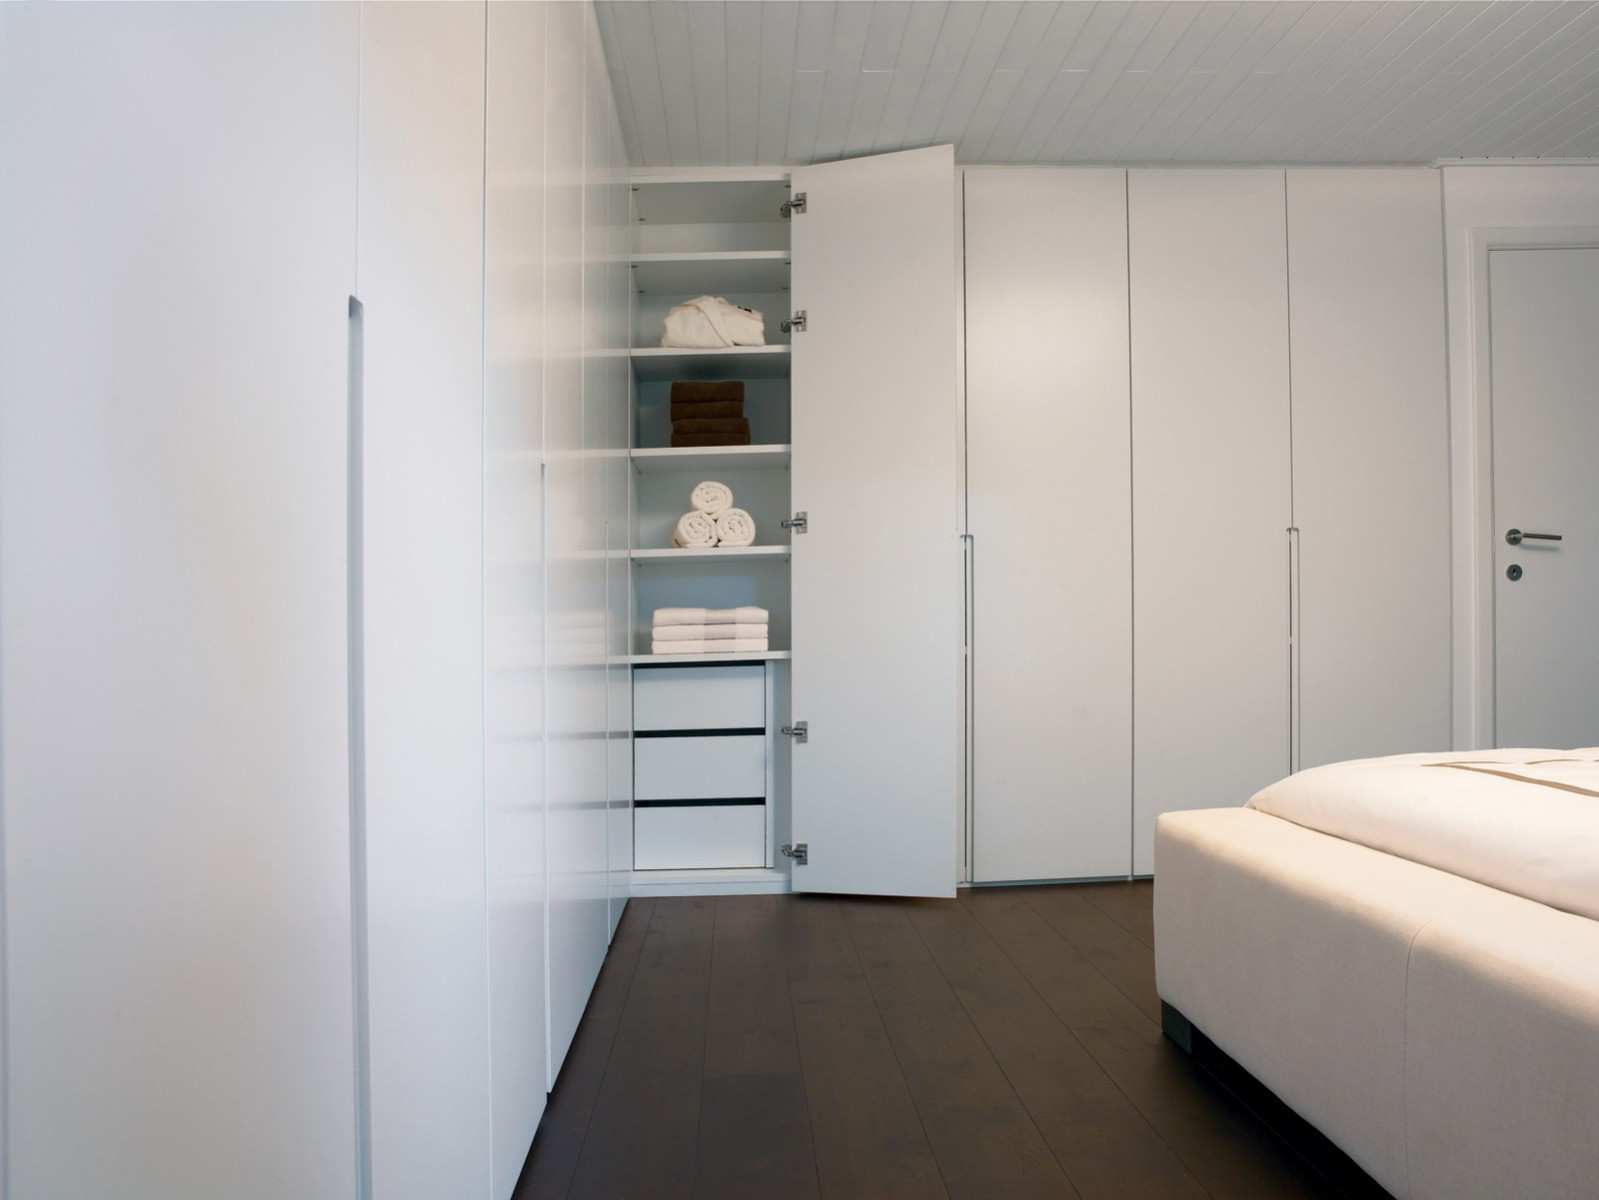 Maatkast in slaapkamer met ingefreesde handgrepen.jpg